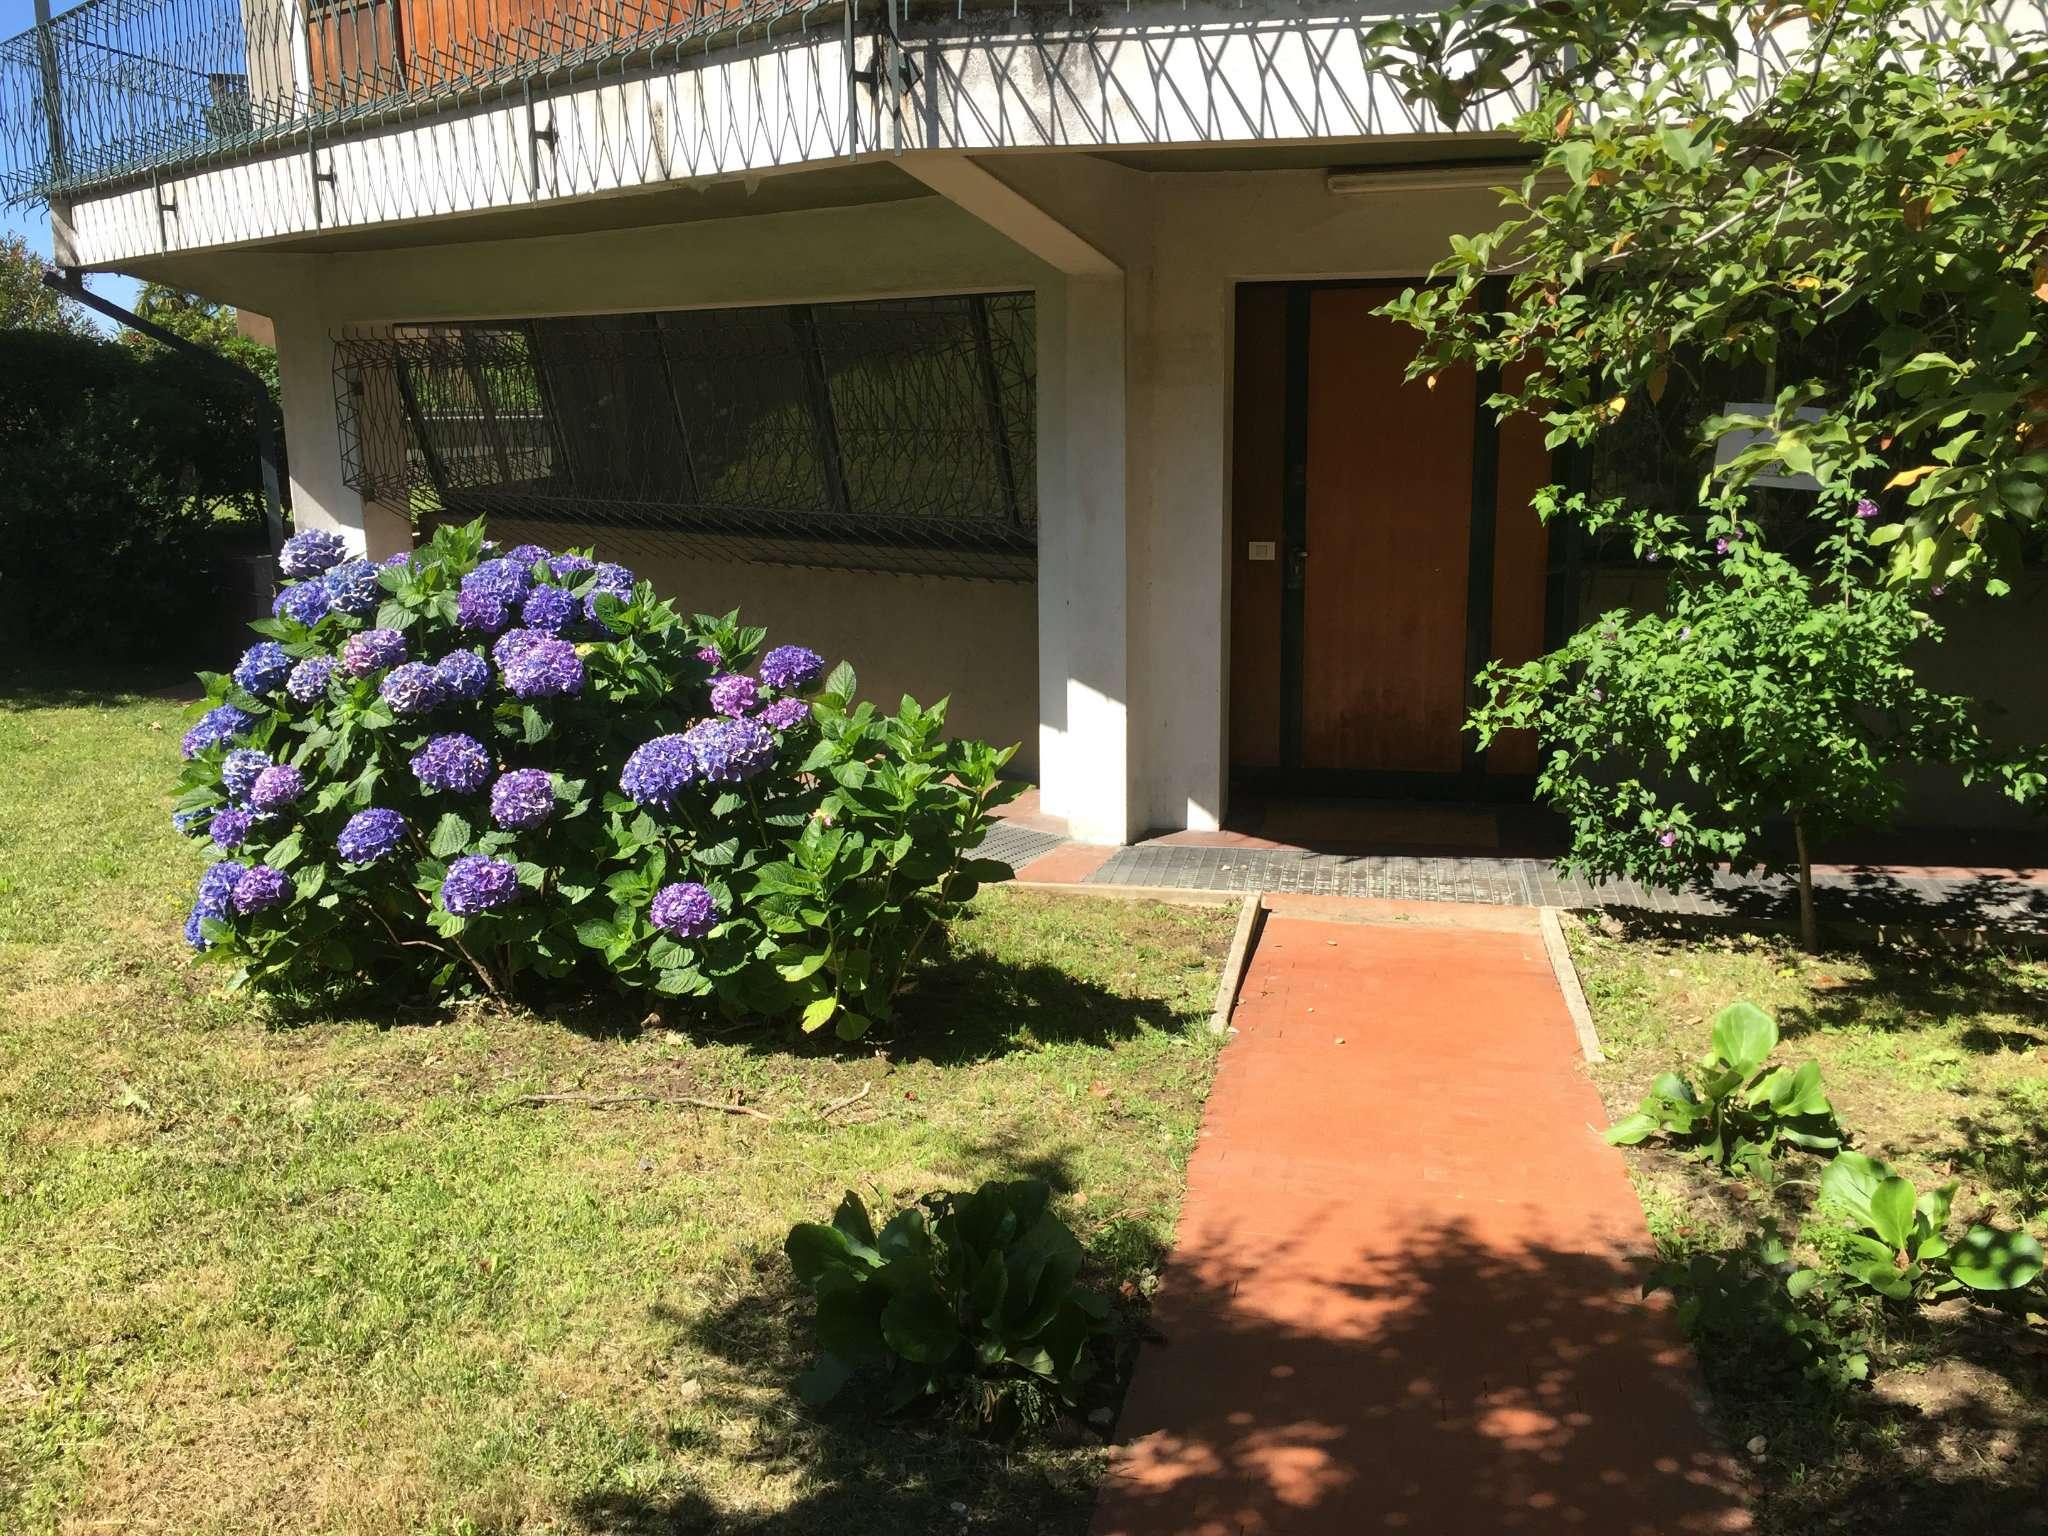 Ufficio / Studio in affitto a Varese, 3 locali, prezzo € 650 | PortaleAgenzieImmobiliari.it